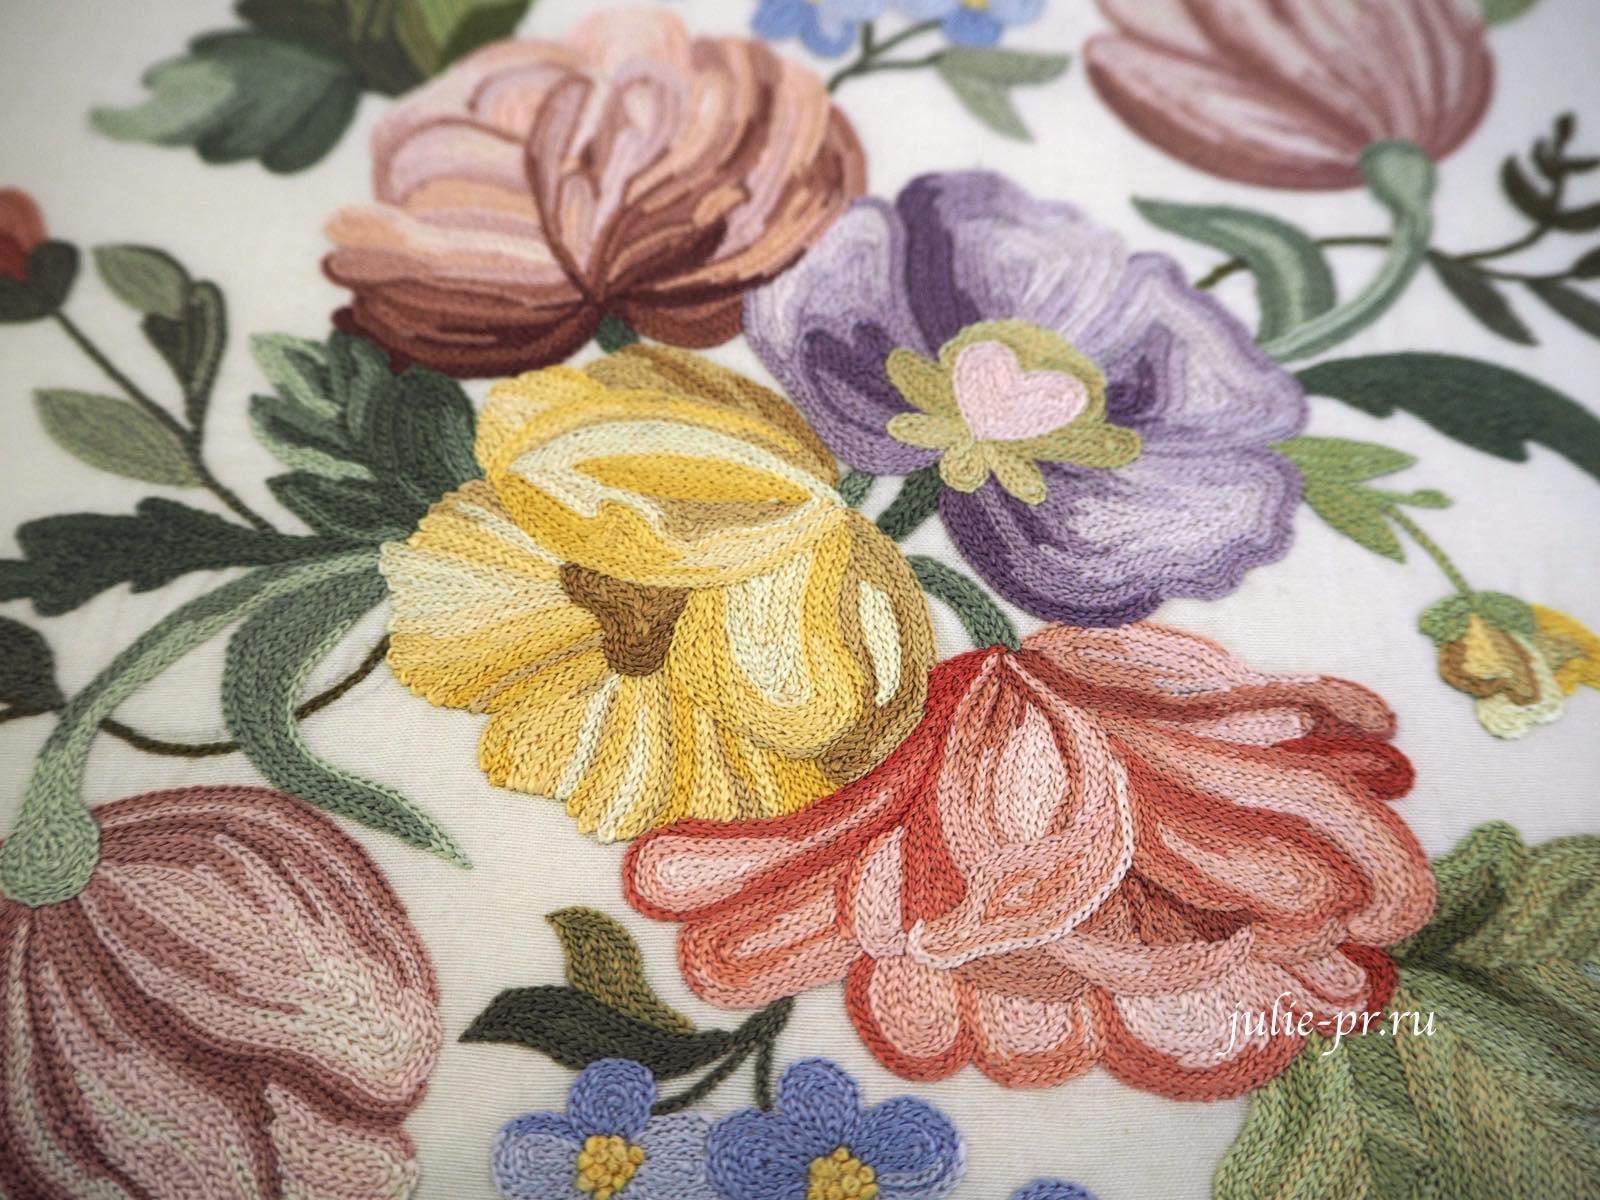 Всероссийская выставка вышивки, вышивка гладью, тамбурный шов, подушка